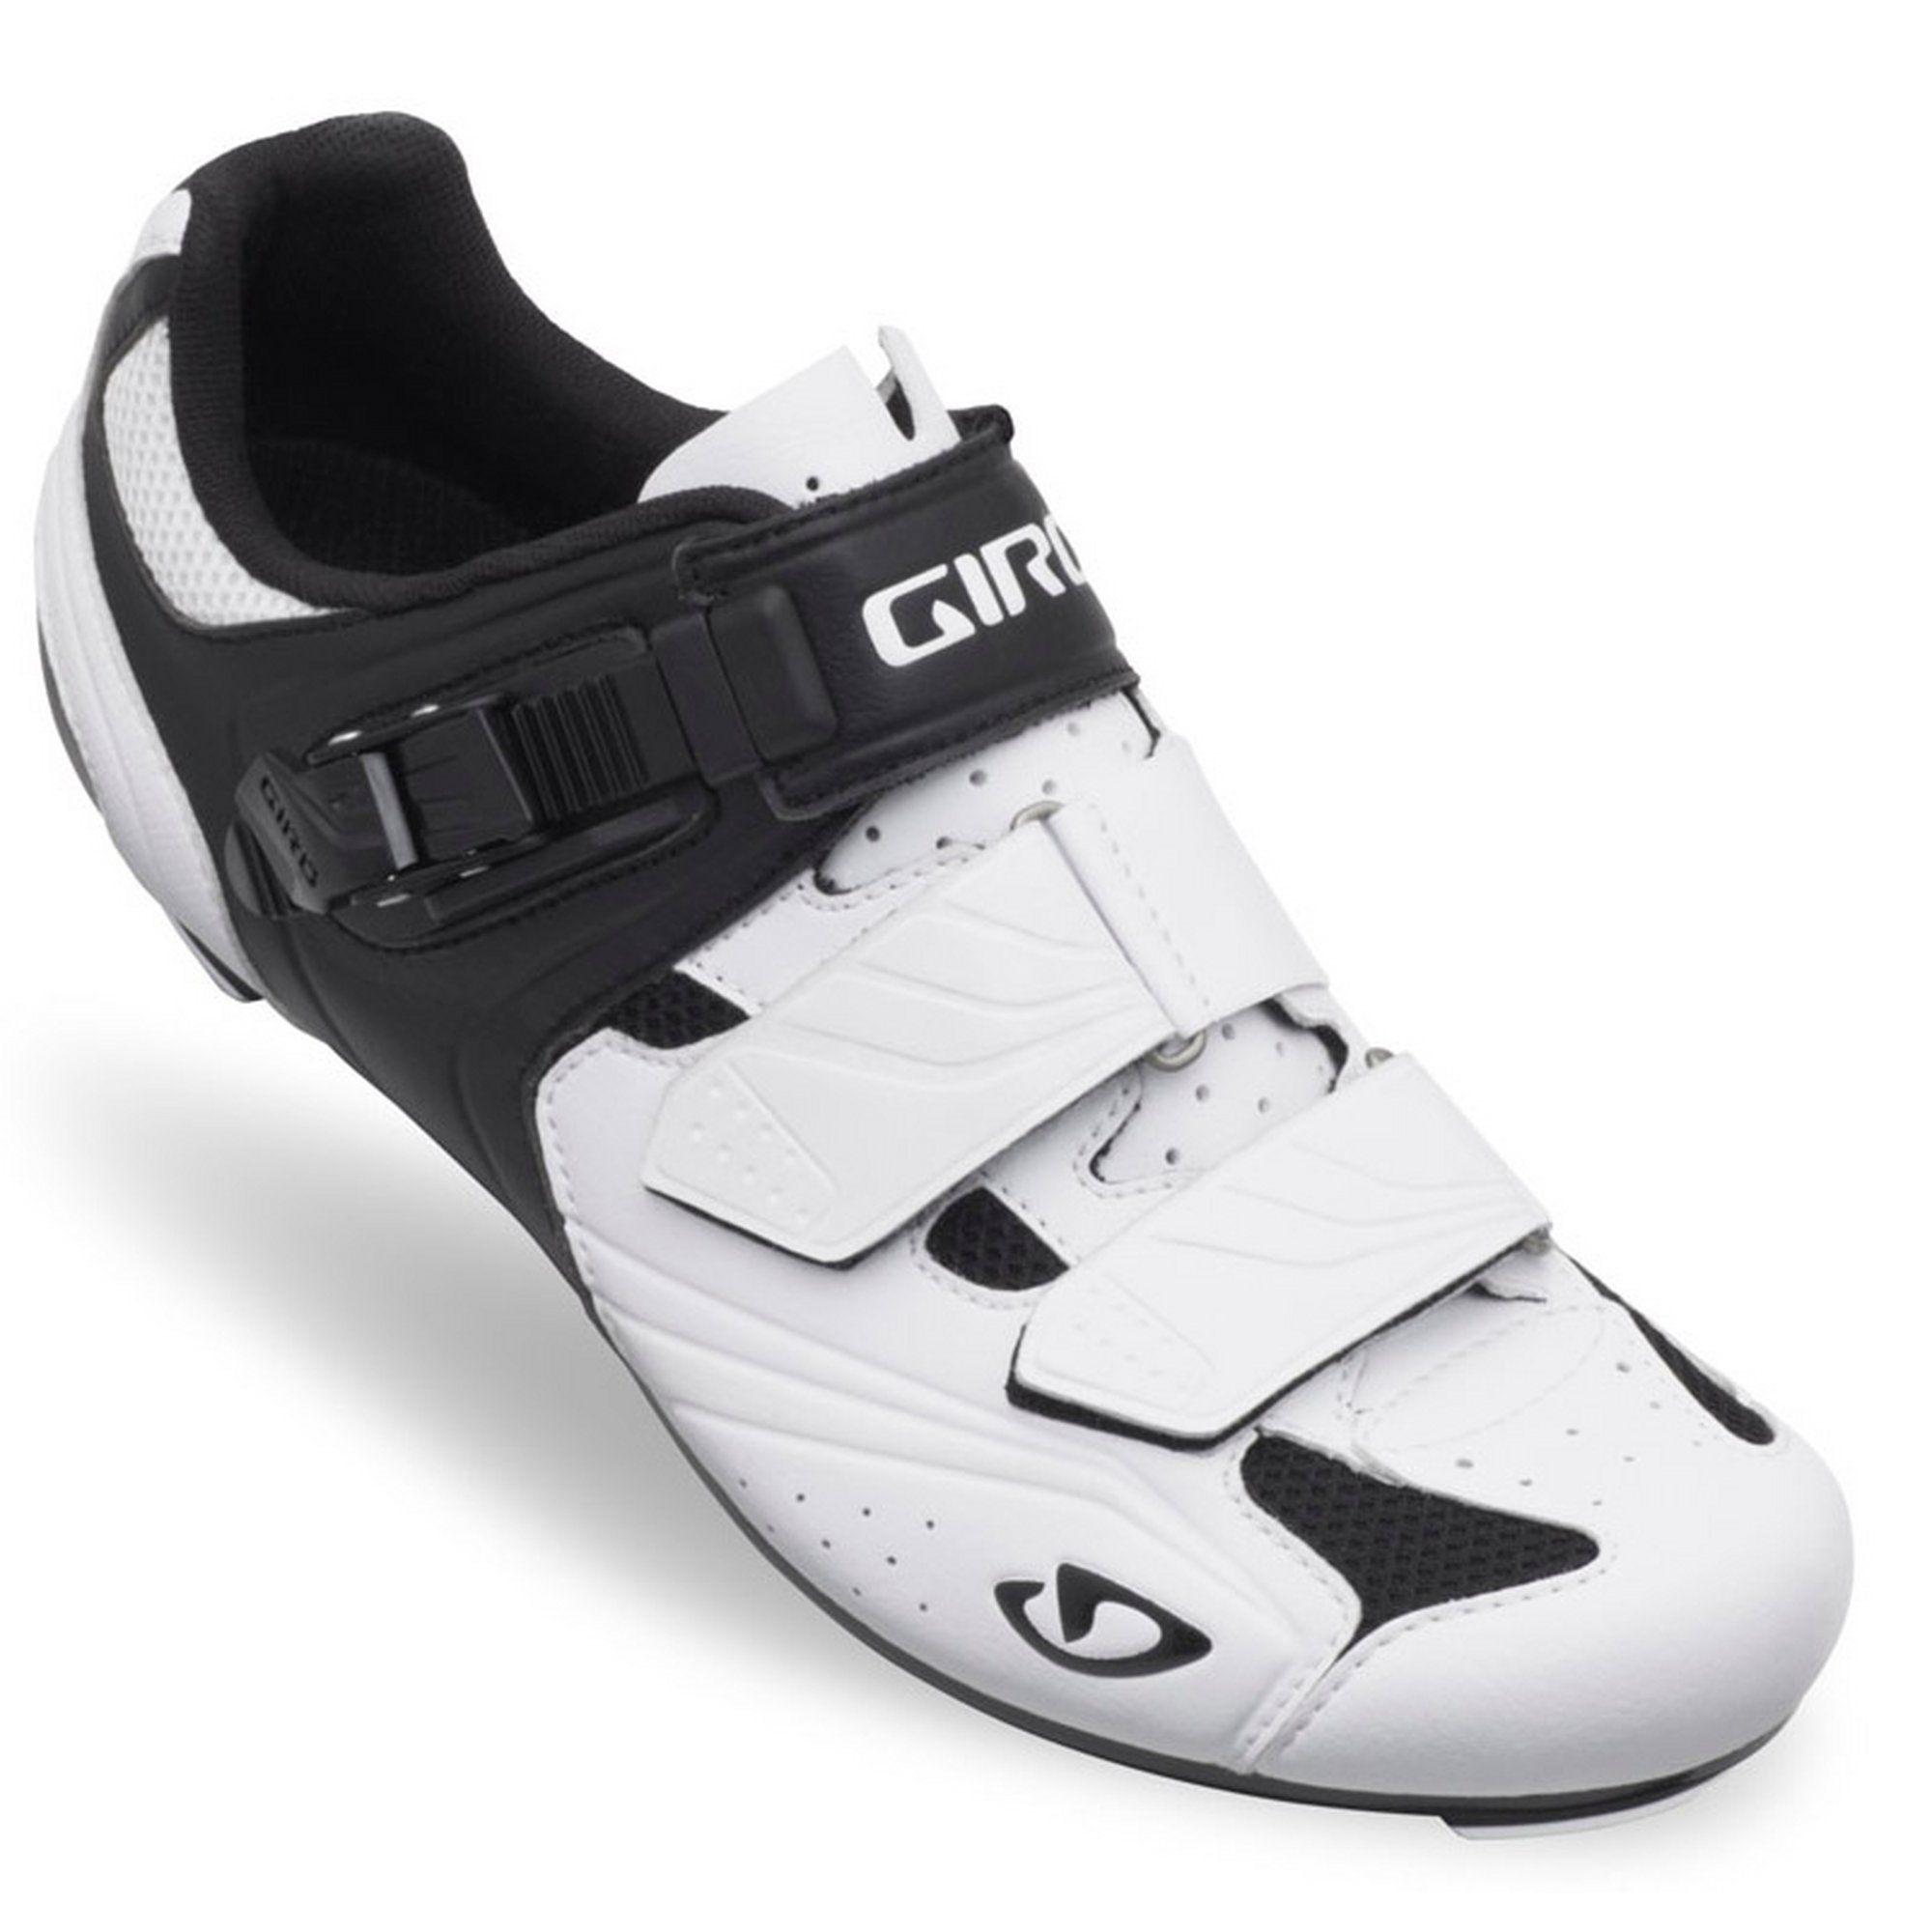 Giro Apeckx Road Cycling Shoes